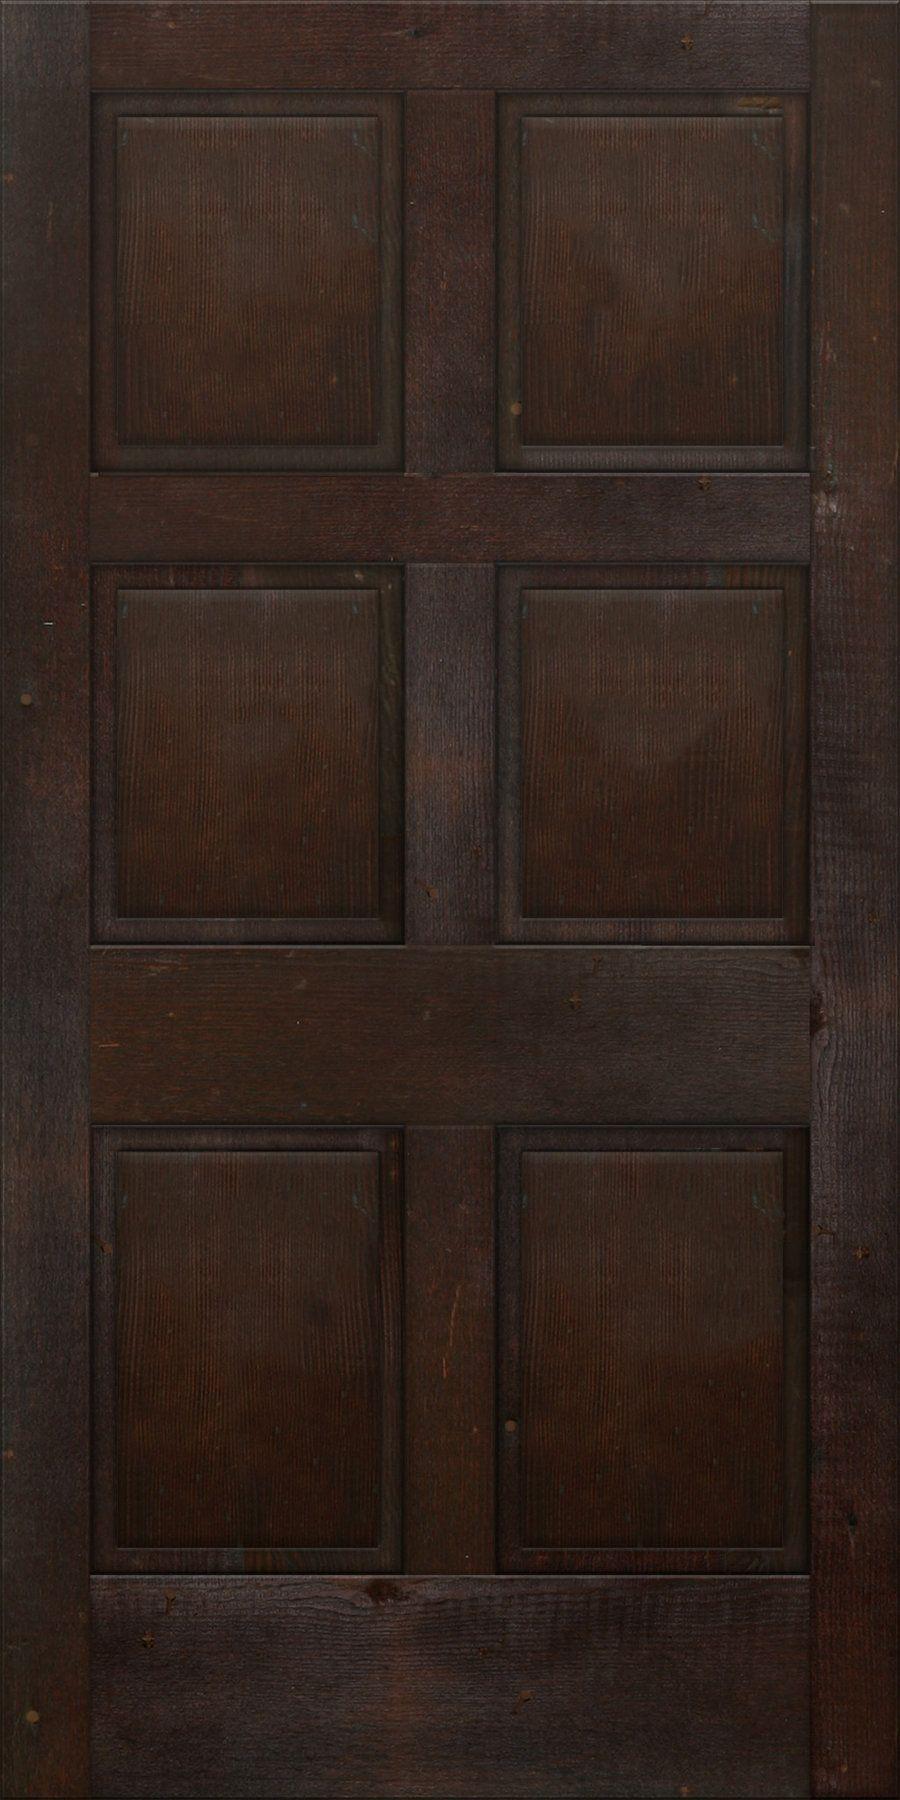 modern door texture. Wooden Door Texture By Ancientorange Modern R